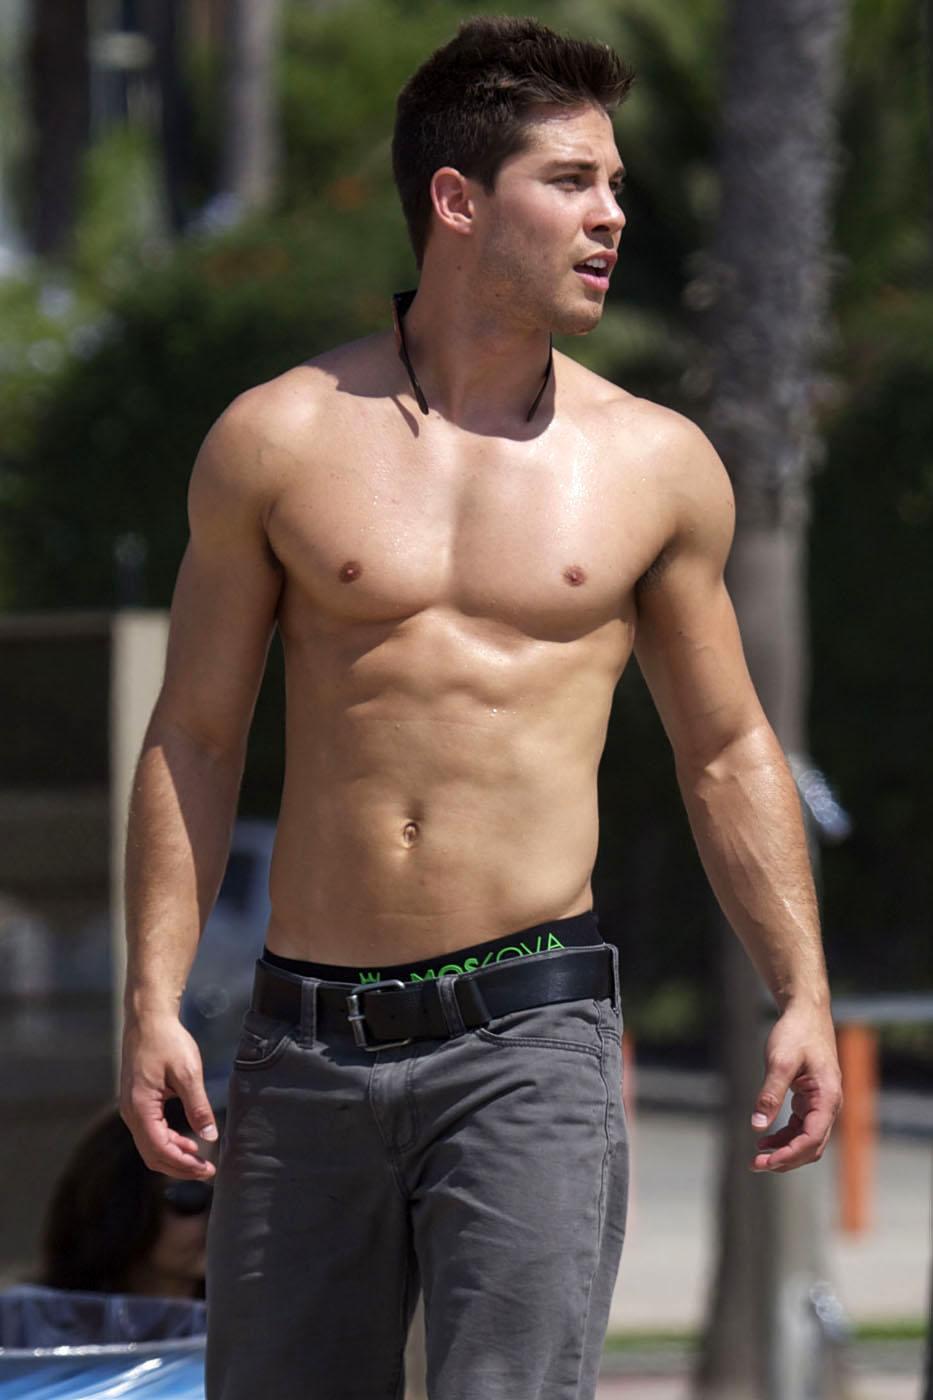 oh men gay famous men dean geyer shirtless